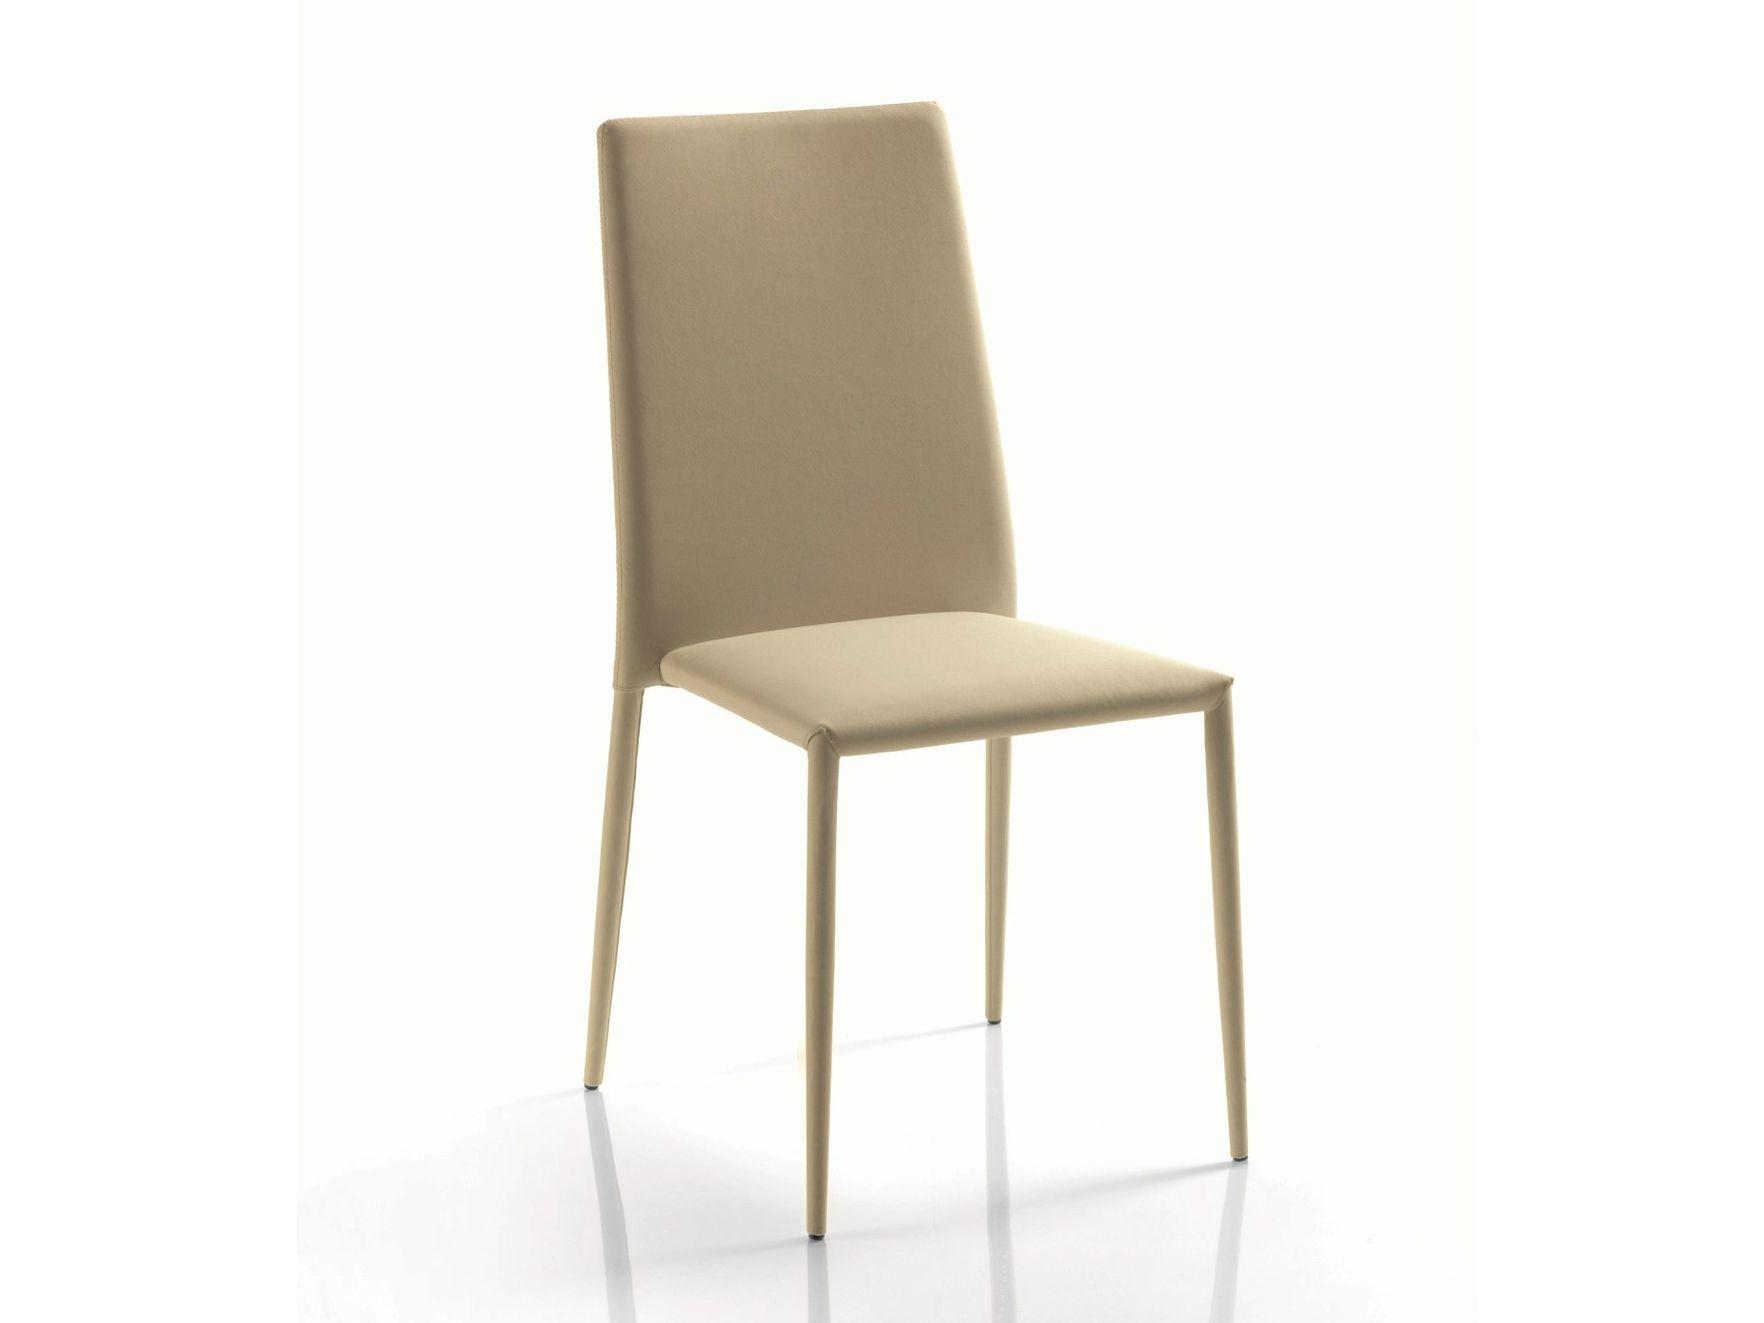 Futura off sedia impilabile bontempi casa in metallo e sedia